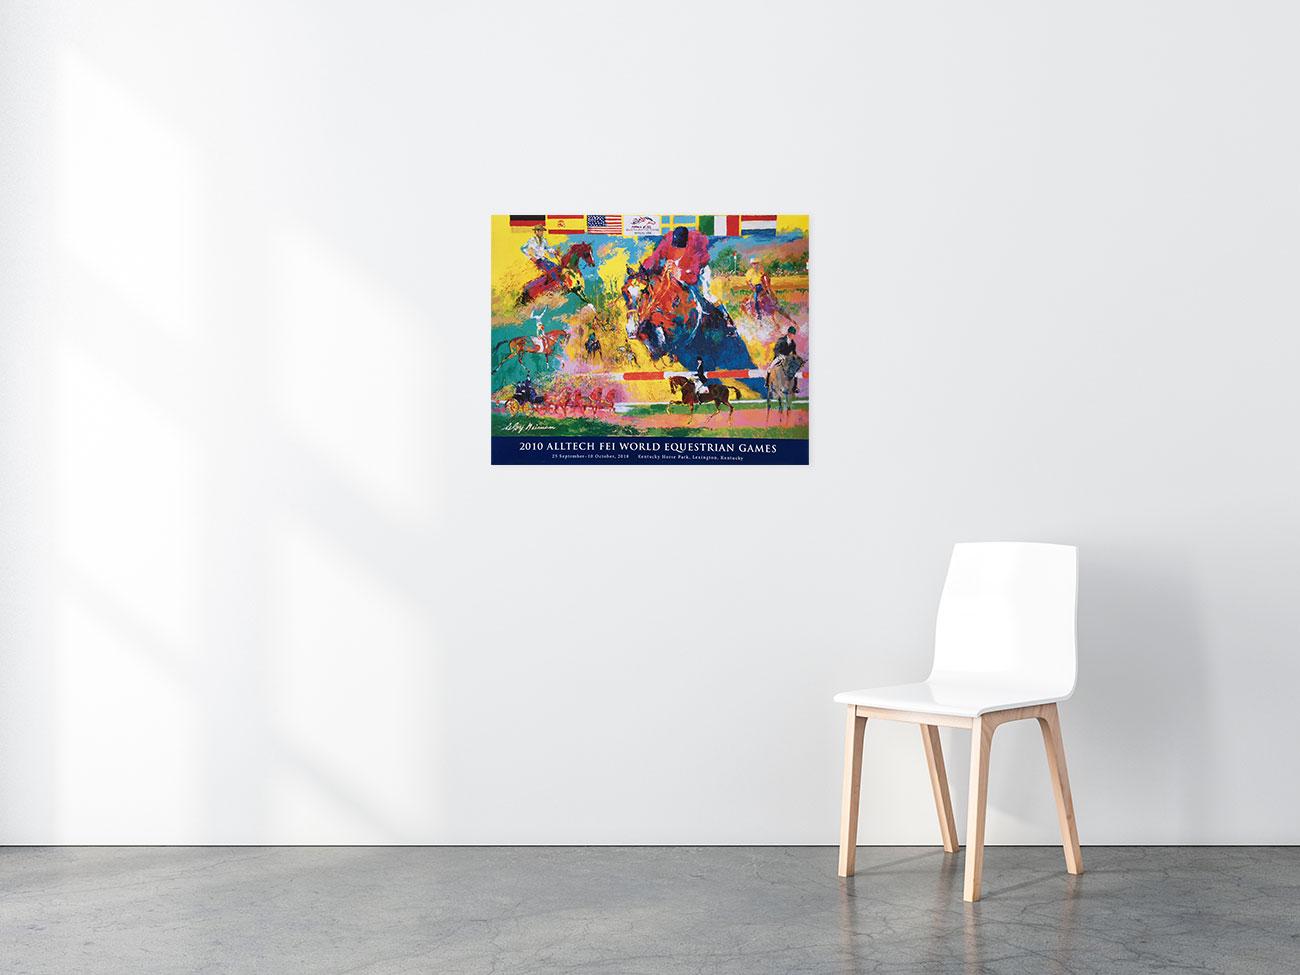 World Equestrian Games poster in situ